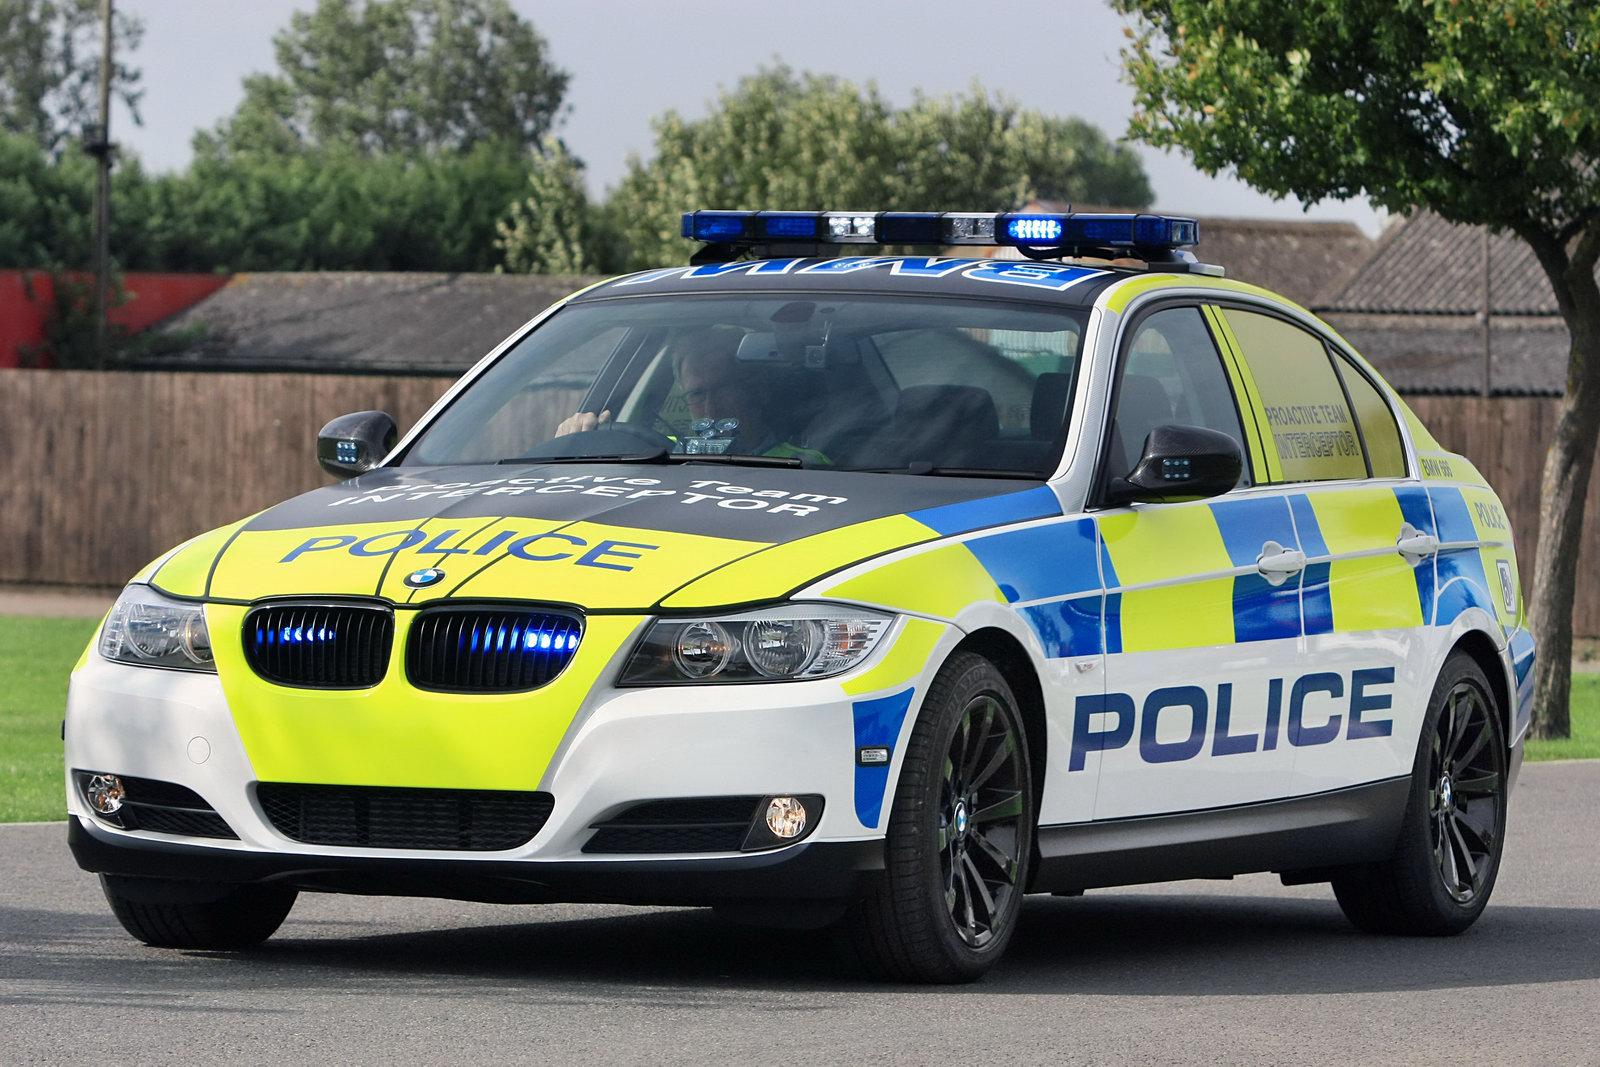 cool images british police car bmw. Black Bedroom Furniture Sets. Home Design Ideas